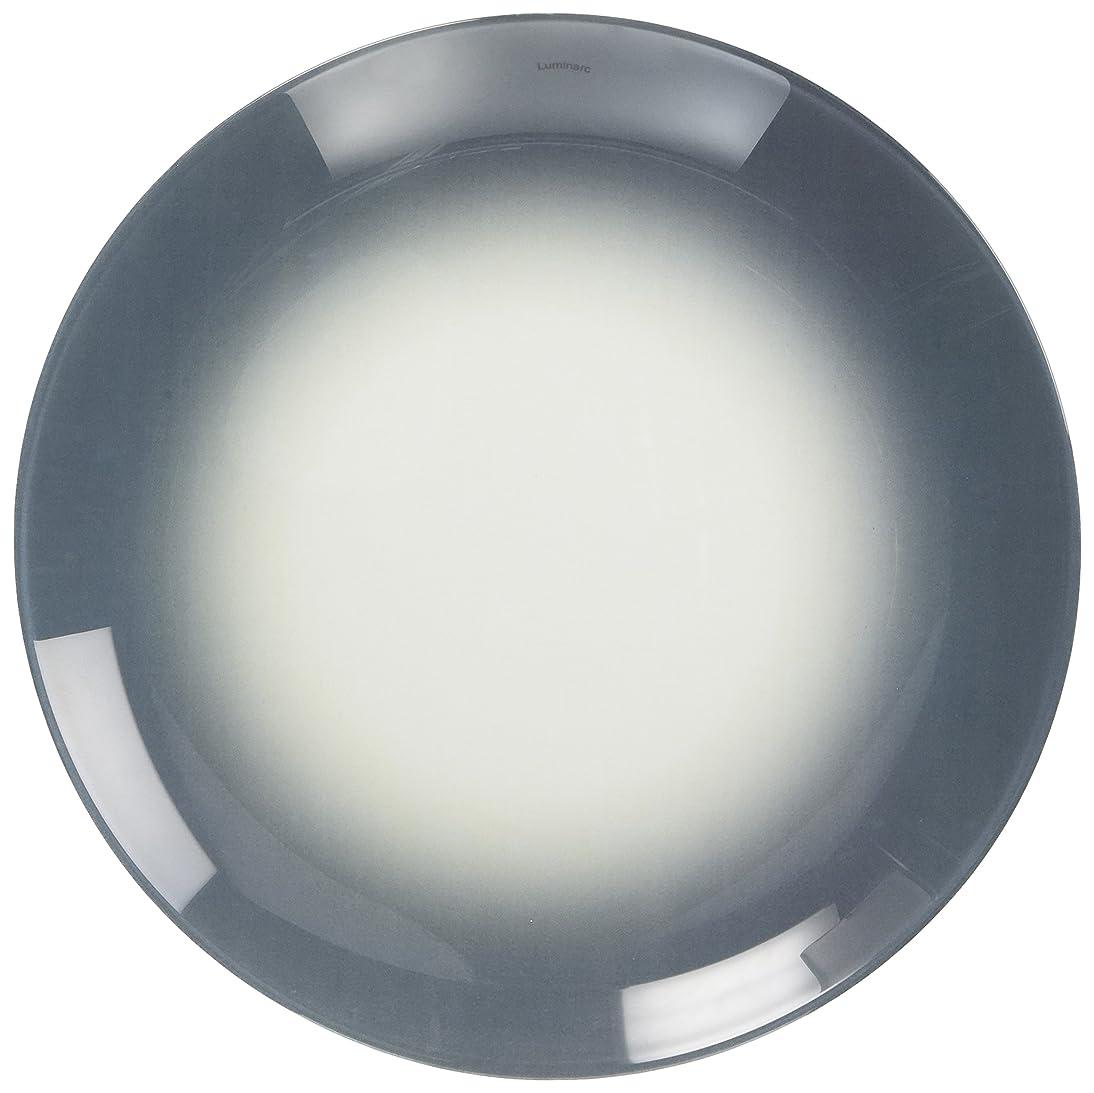 スタイル最もなるLuminarc デザート皿 プレート フィズ グレー 20 J7861